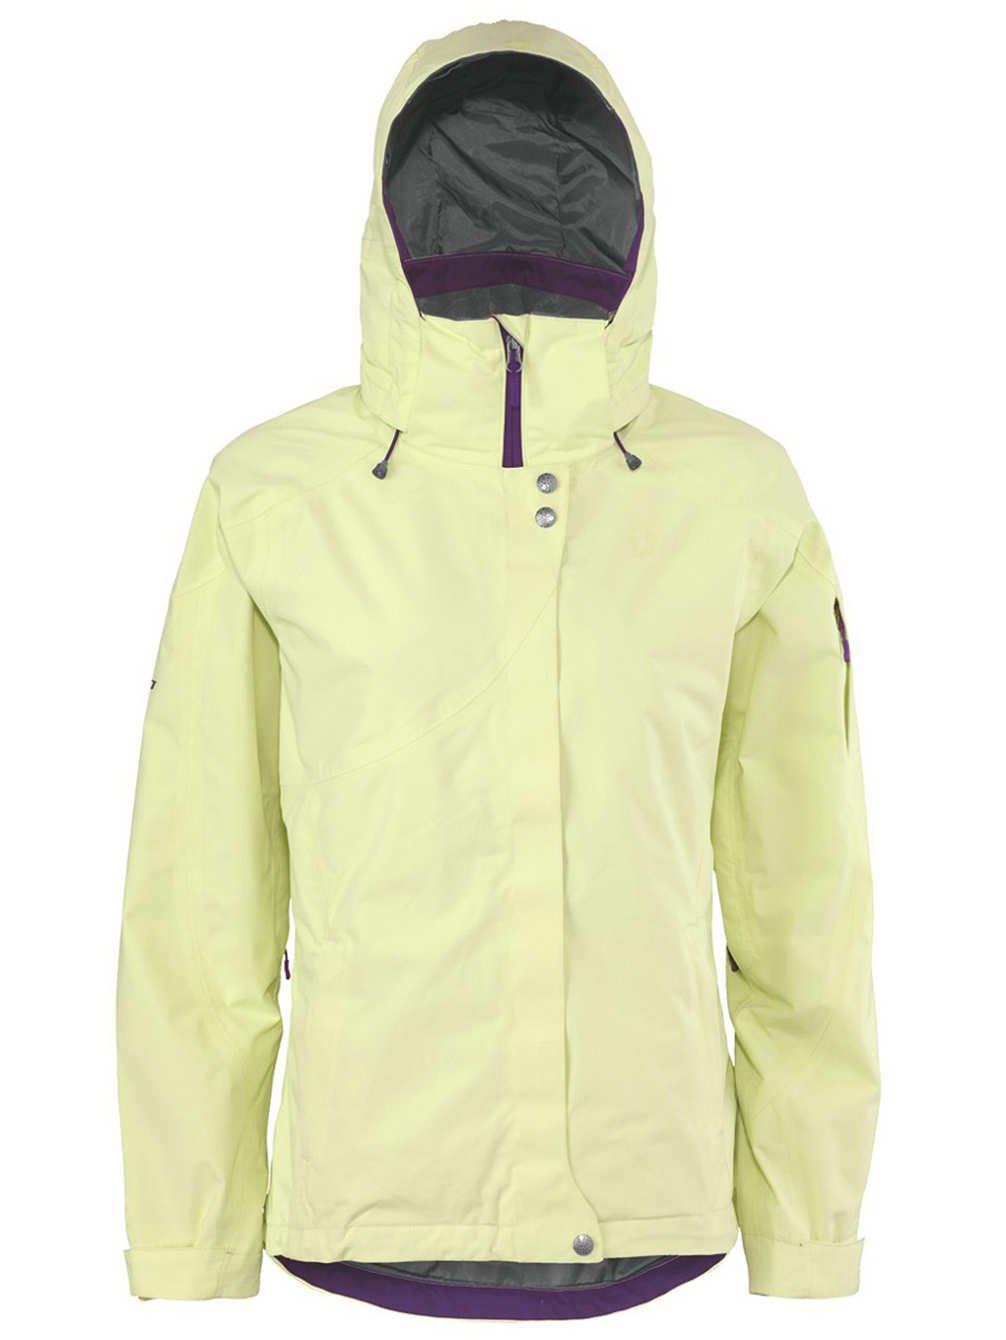 Damen Snowboard Jacke Scott Mistie Jacket günstig